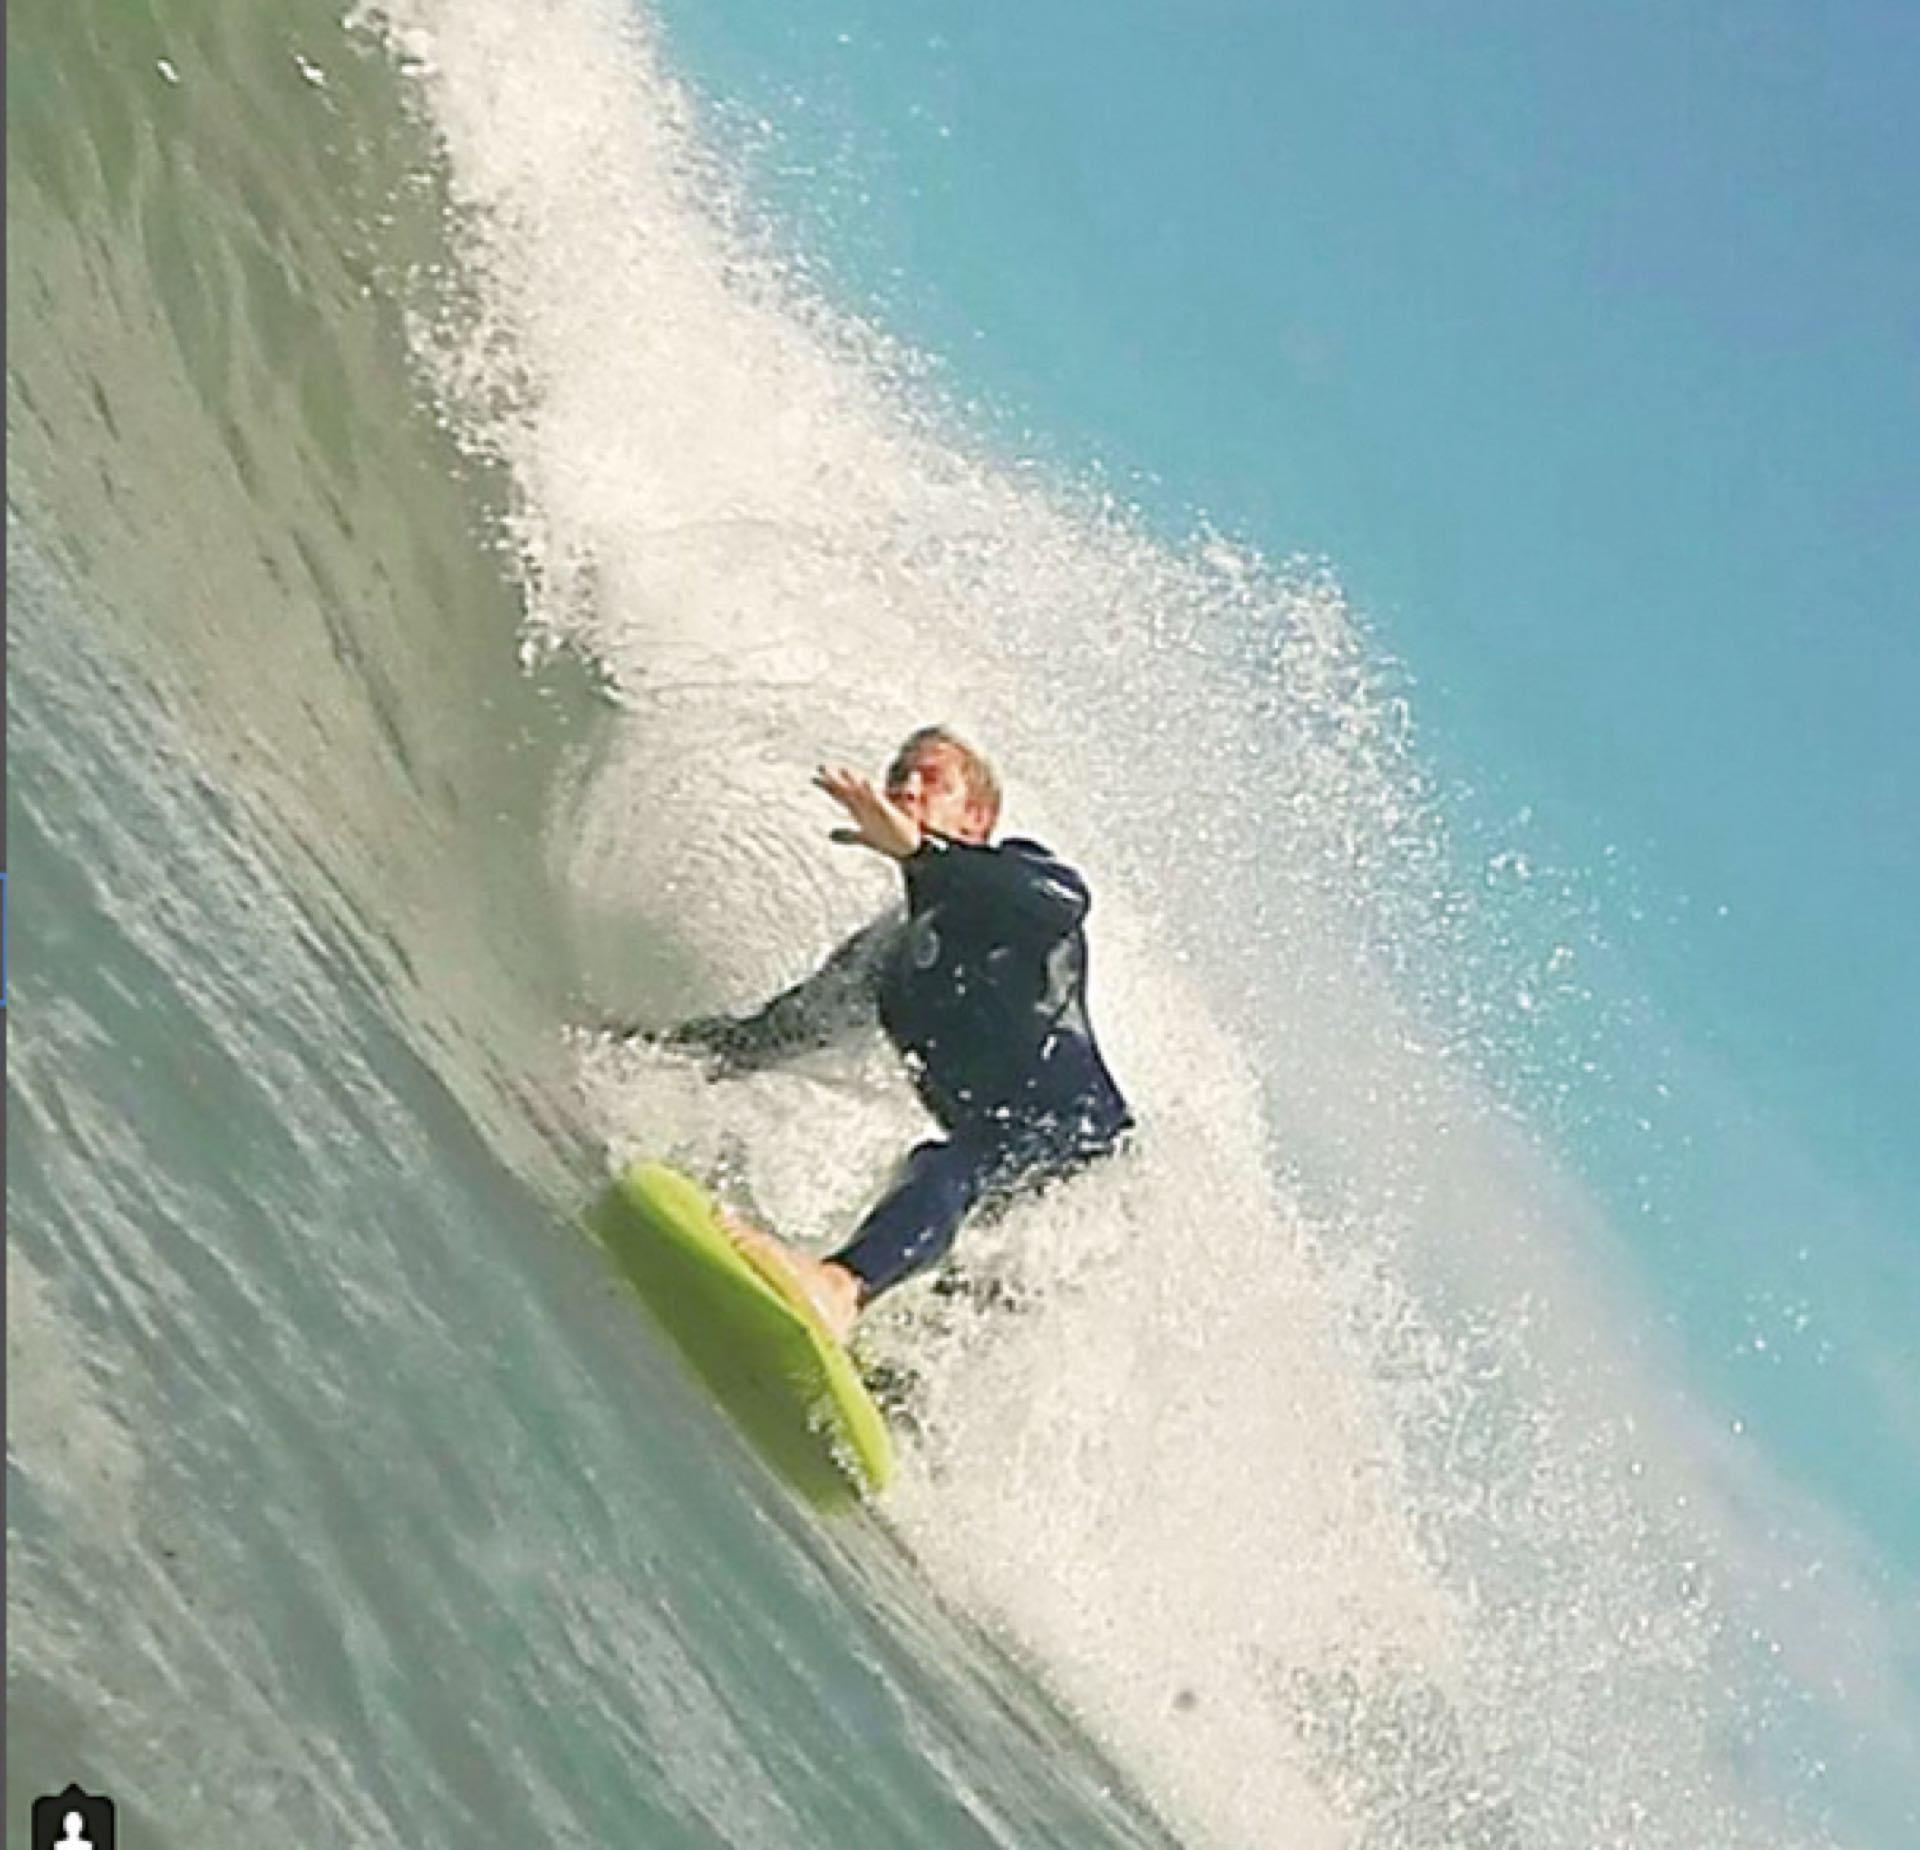 Haciendo surf, una de sus pasiones.